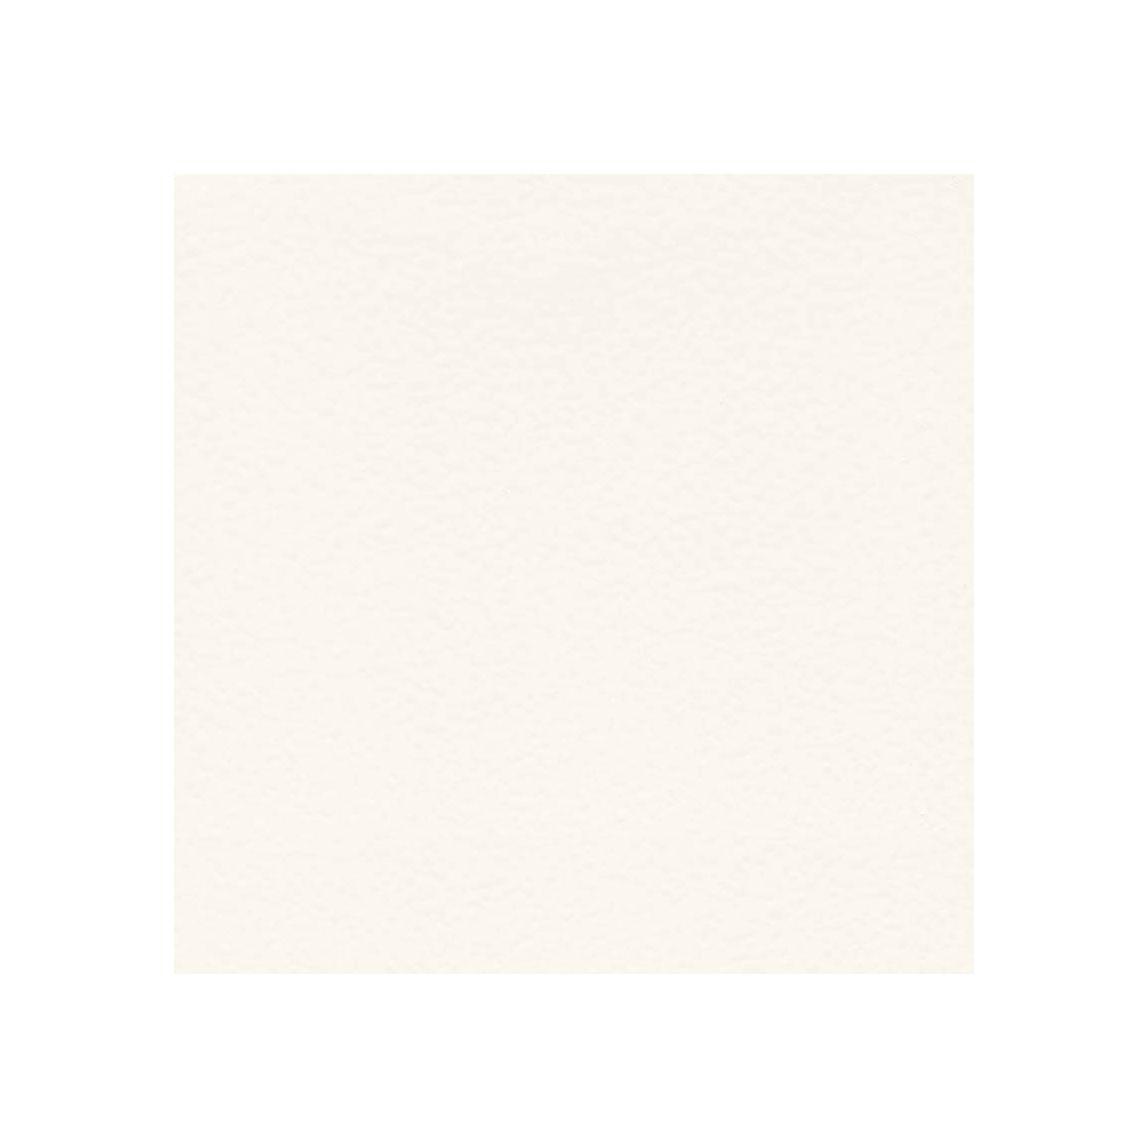 Brilliant White Brilliant White Swatch